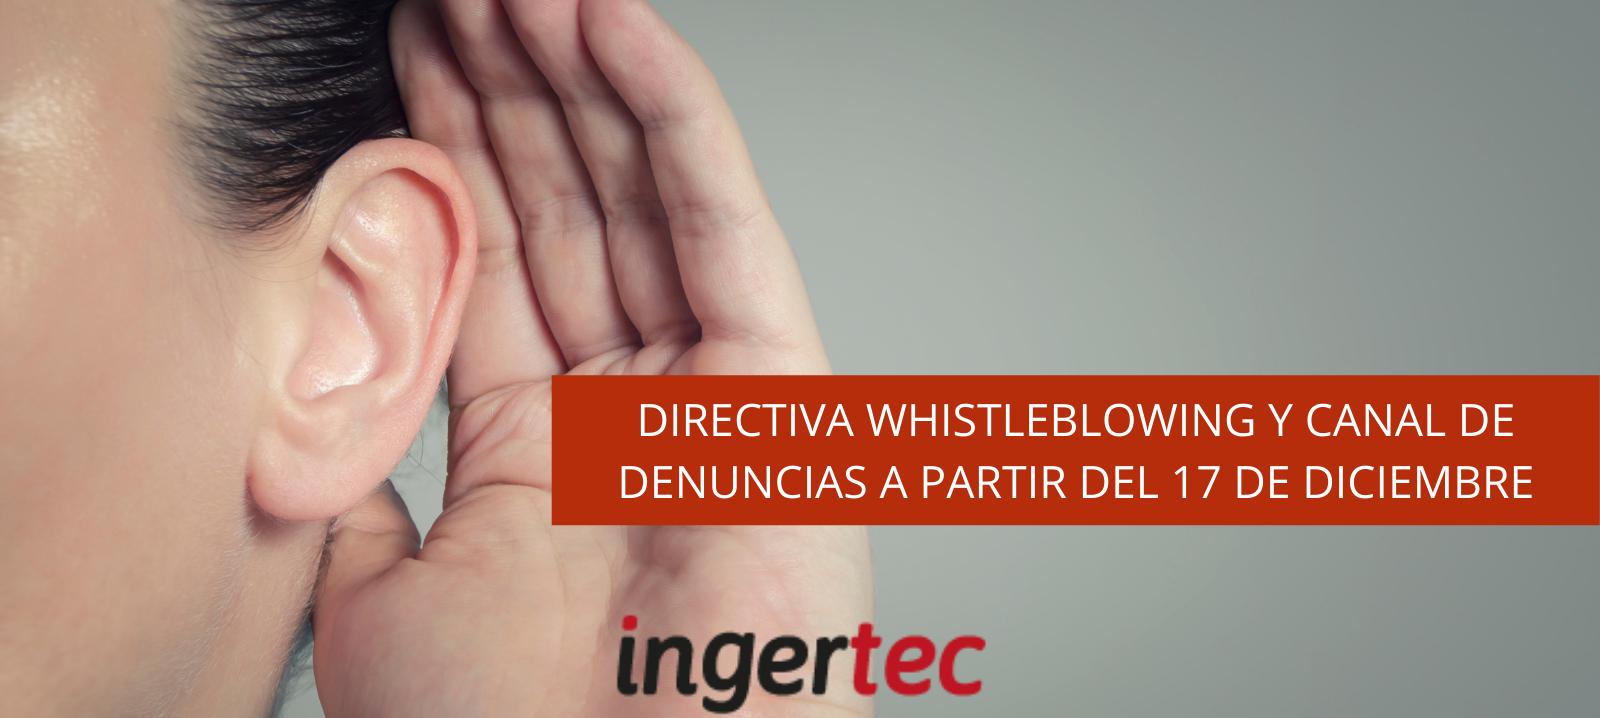 Directiva Whistleblowing y Canal de Denuncias